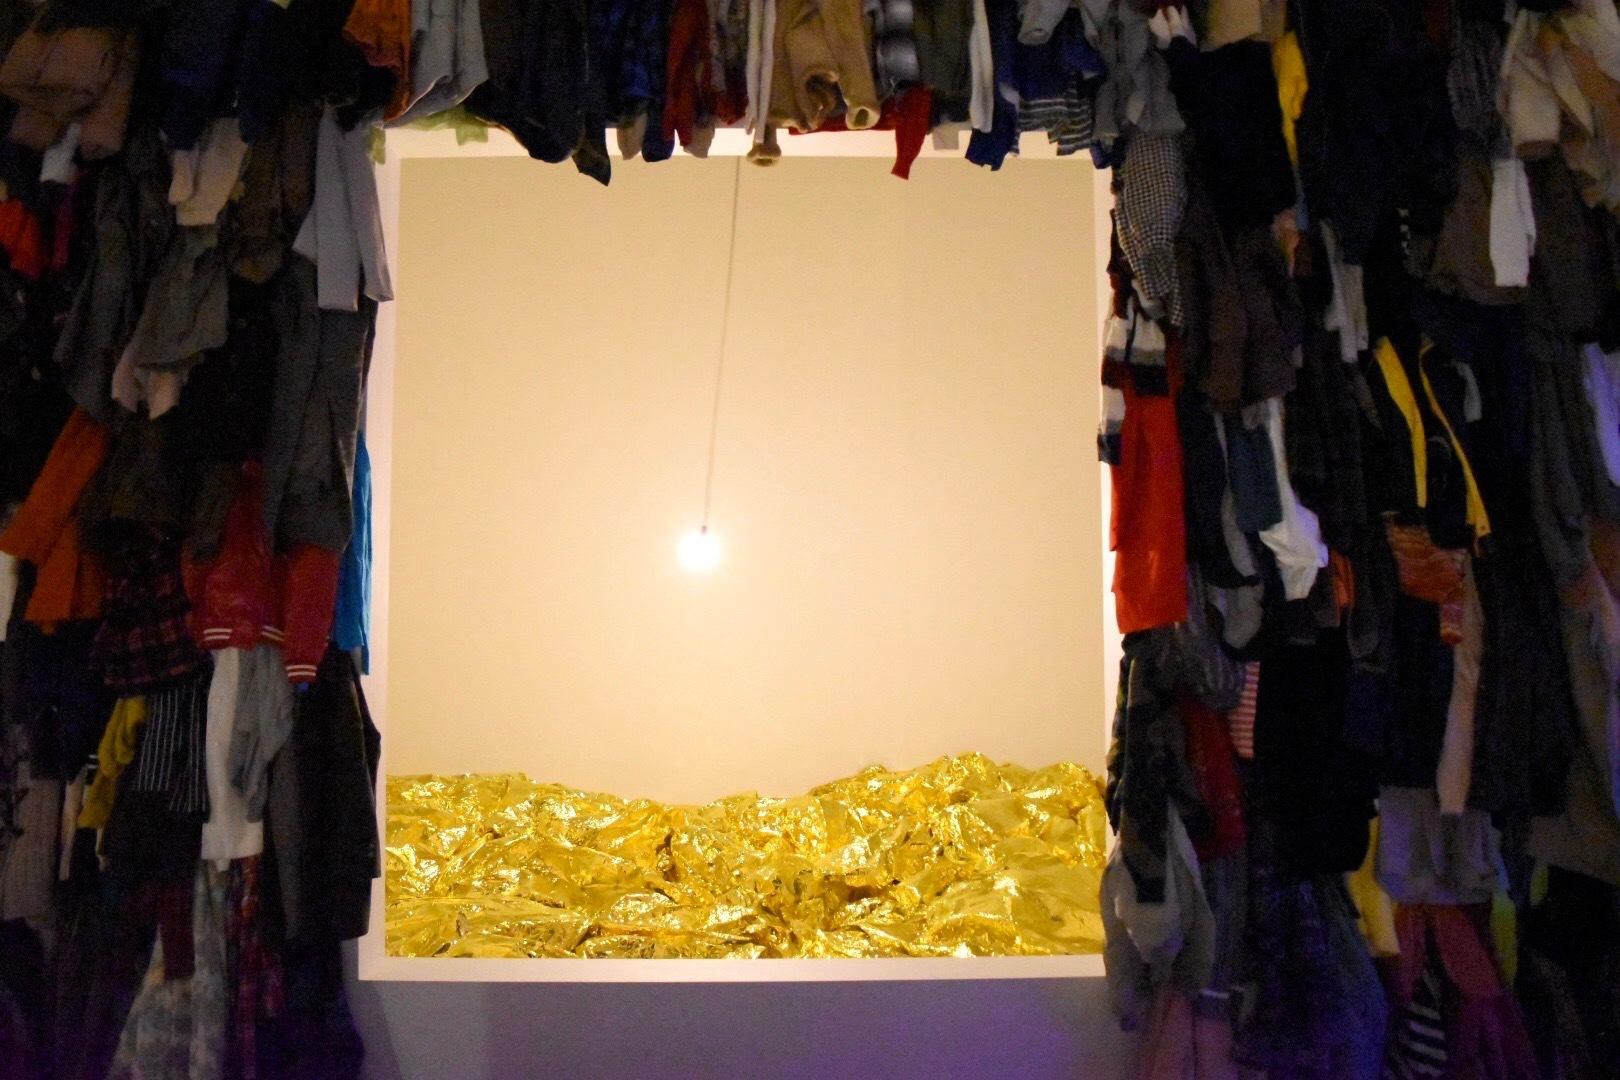 中央:《黄金の海》 2017年 側面:《保存室(カナダ)》 1988年 「クリスチャン・ボルタンスキー −Lifetime」展 2019年 国立新美術館展示風景